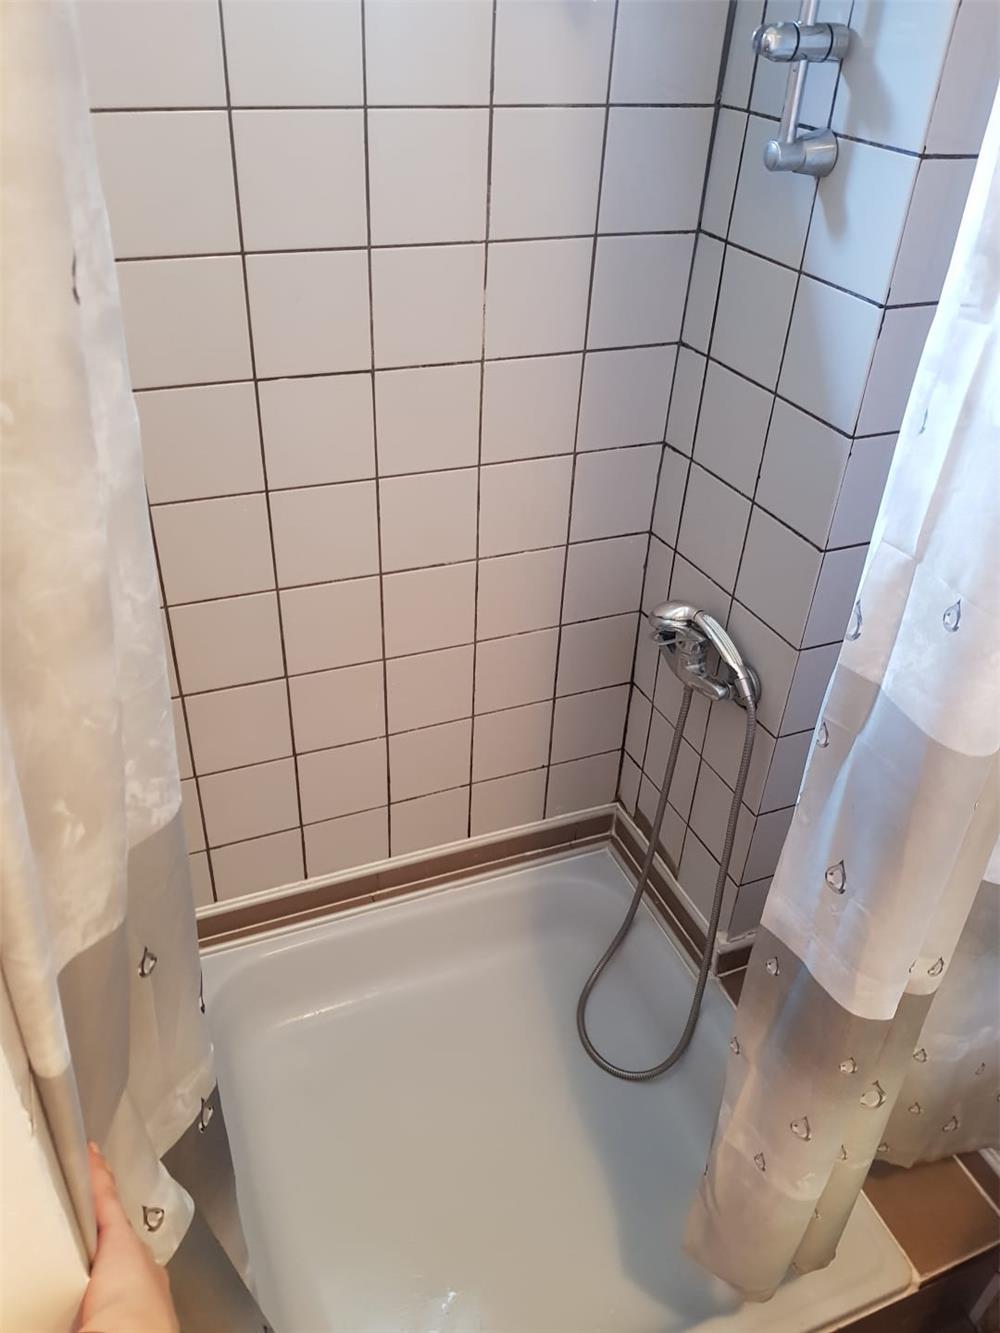 Chirie regim hotelier garsoniera sau apartament